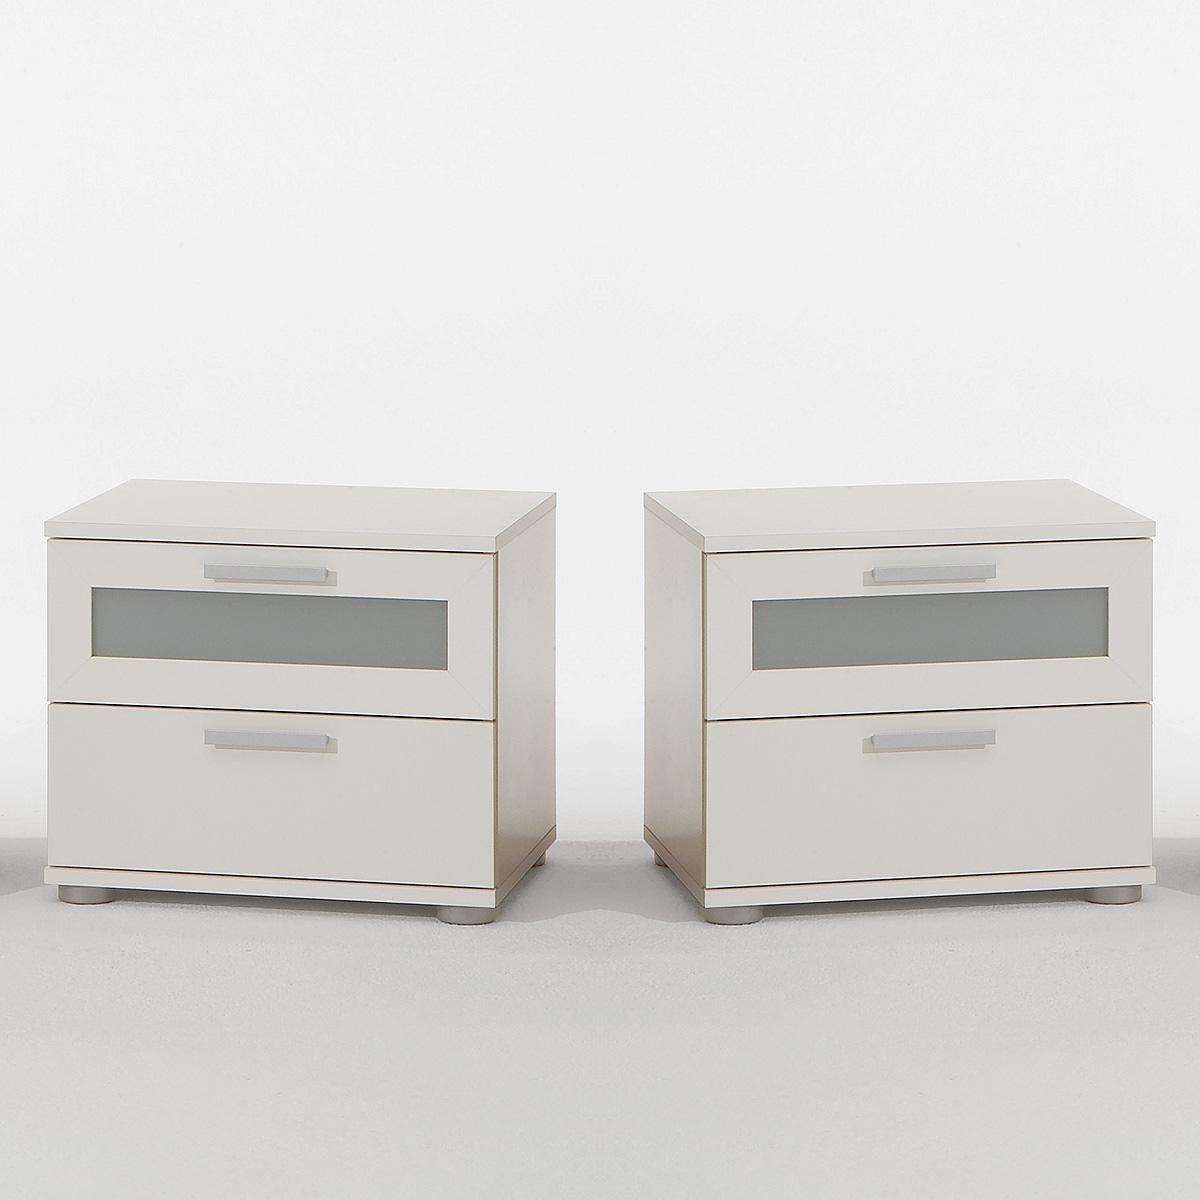 nachtkommode trials 2er set nachtkonsole nachttisch 3 farben 3 modelle auswahl ebay. Black Bedroom Furniture Sets. Home Design Ideas